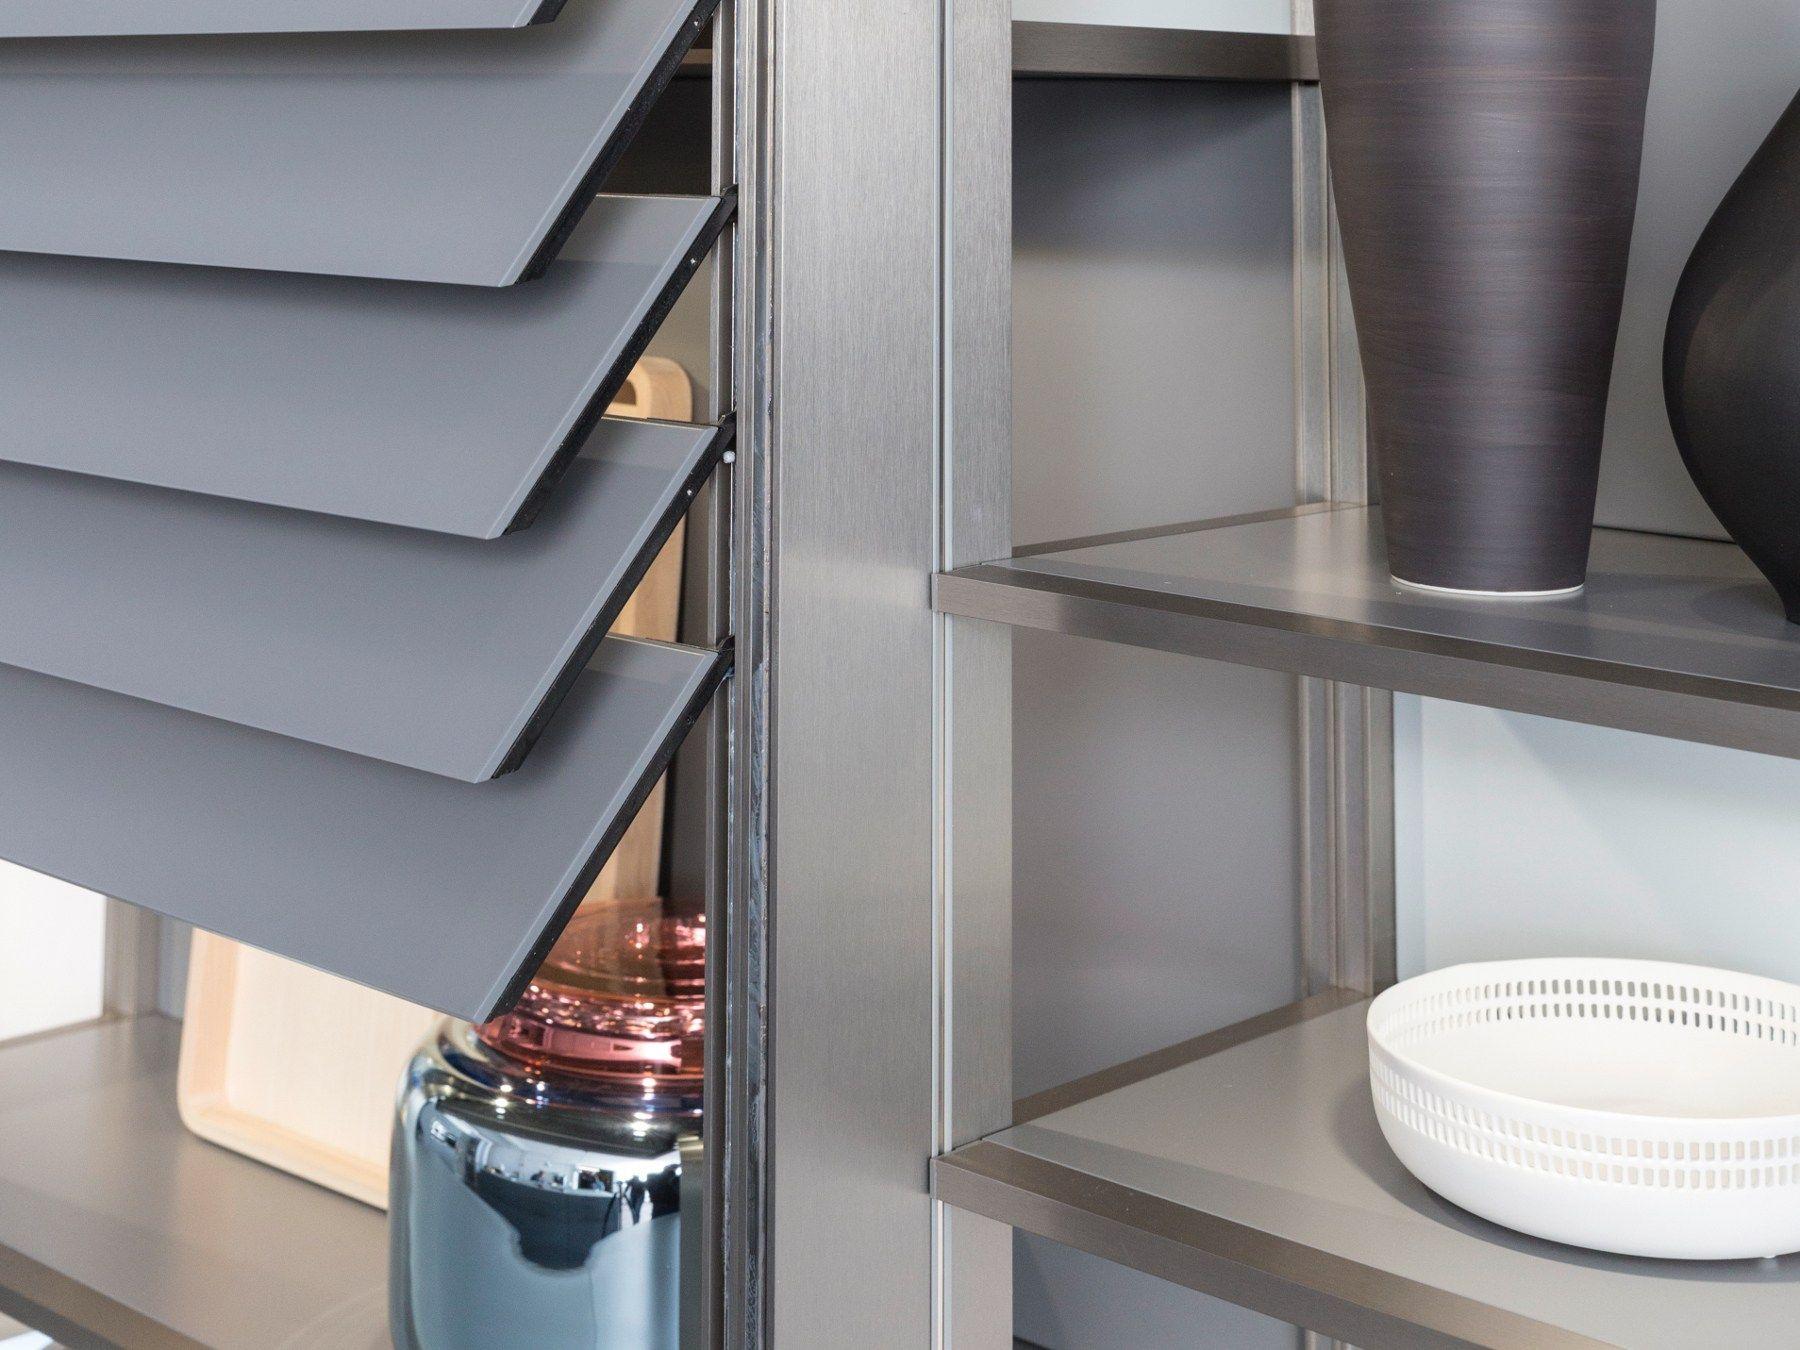 Kitchen with island CLASSIC-FS   IOS-M By LEICHT Küchen   {Classic küchen 88}